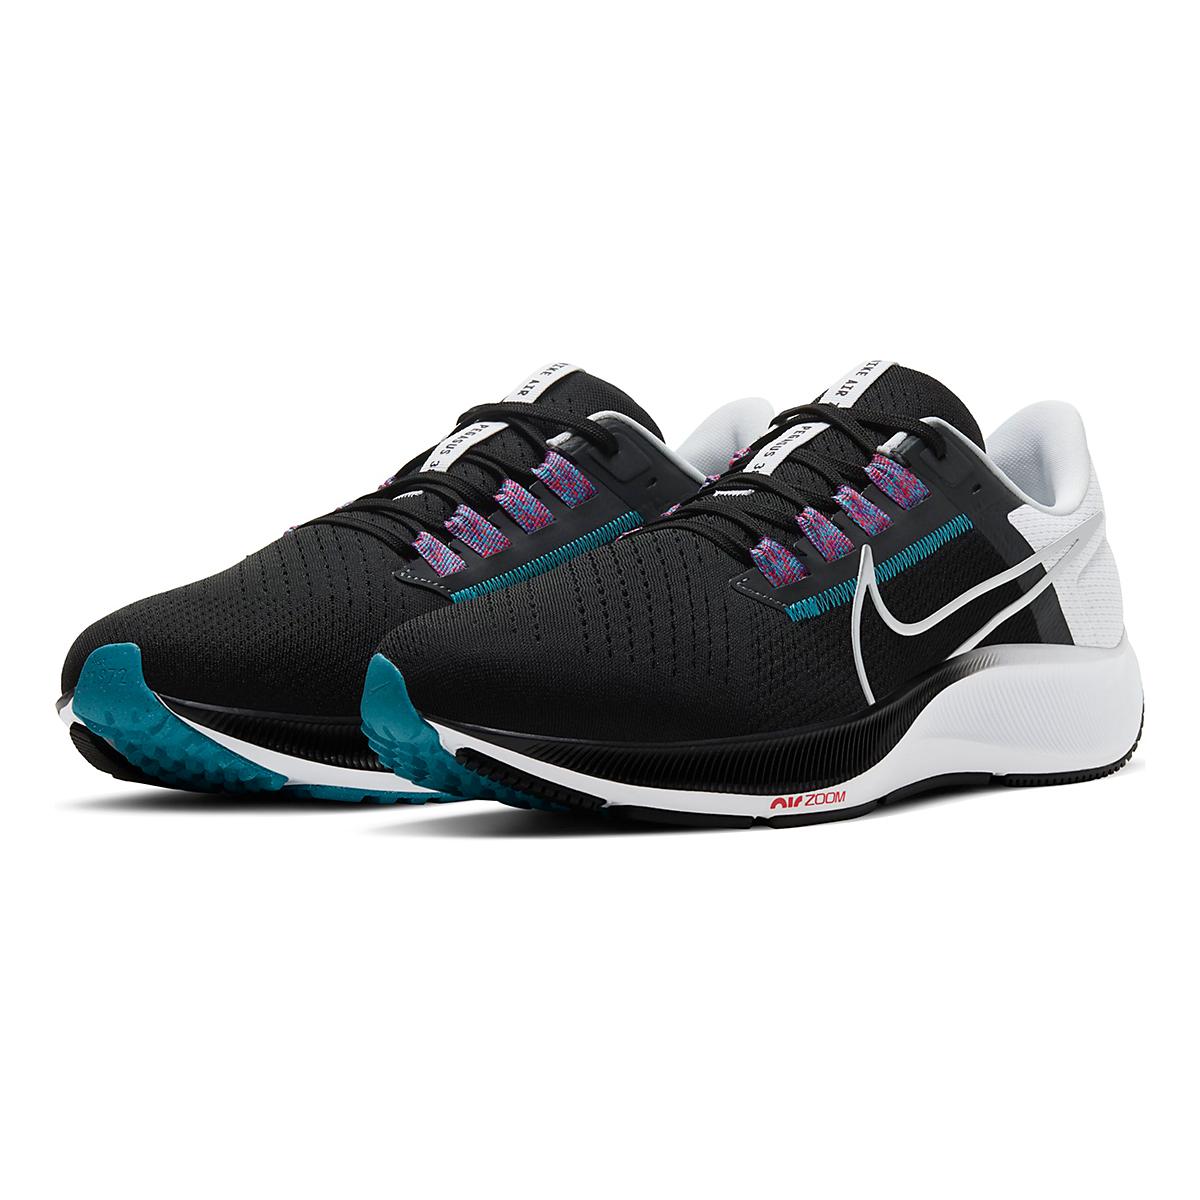 Men's Nike Air Zoom Pegasus 38 Running Shoe - Color: Black/Metallic Silver/White - Size: 6.5 - Width: Regular, Black/Metallic Silver/White, large, image 3